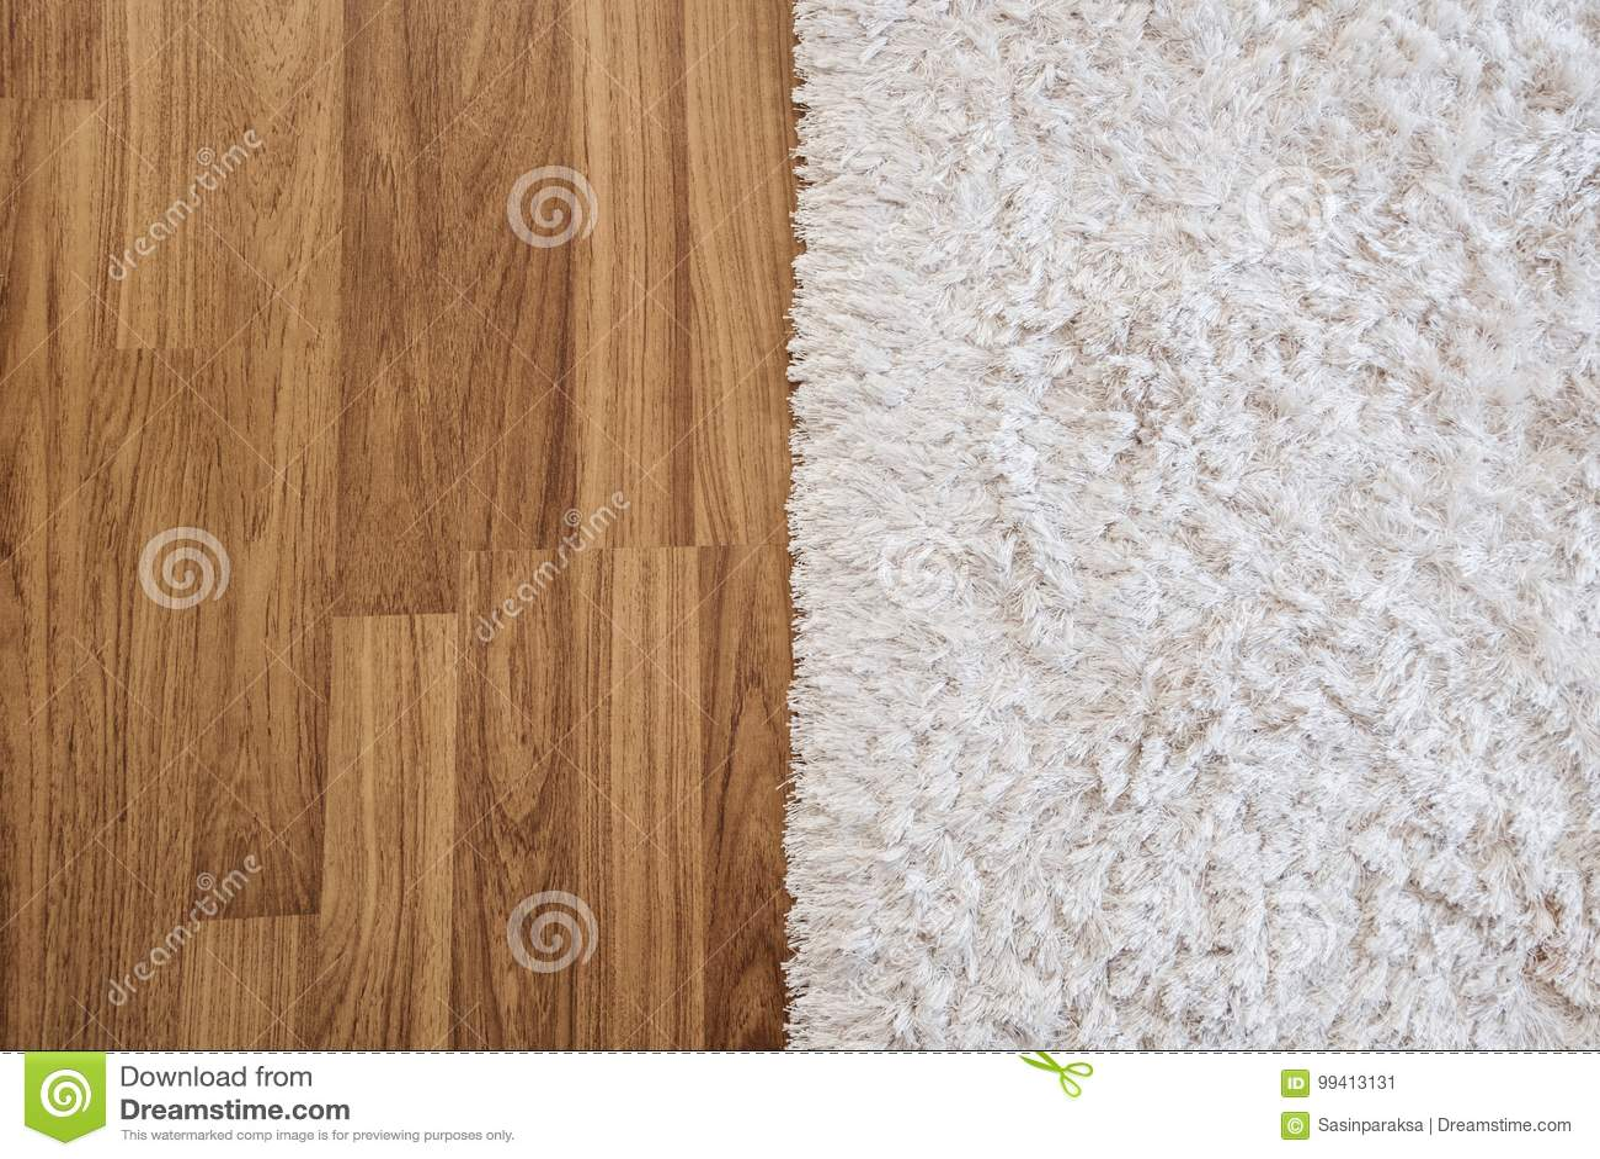 Holzfußboden Für Wohnzimmer ~ Weißer luxusteppich der nahaufnahme auf lamellenförmig angeordnetem